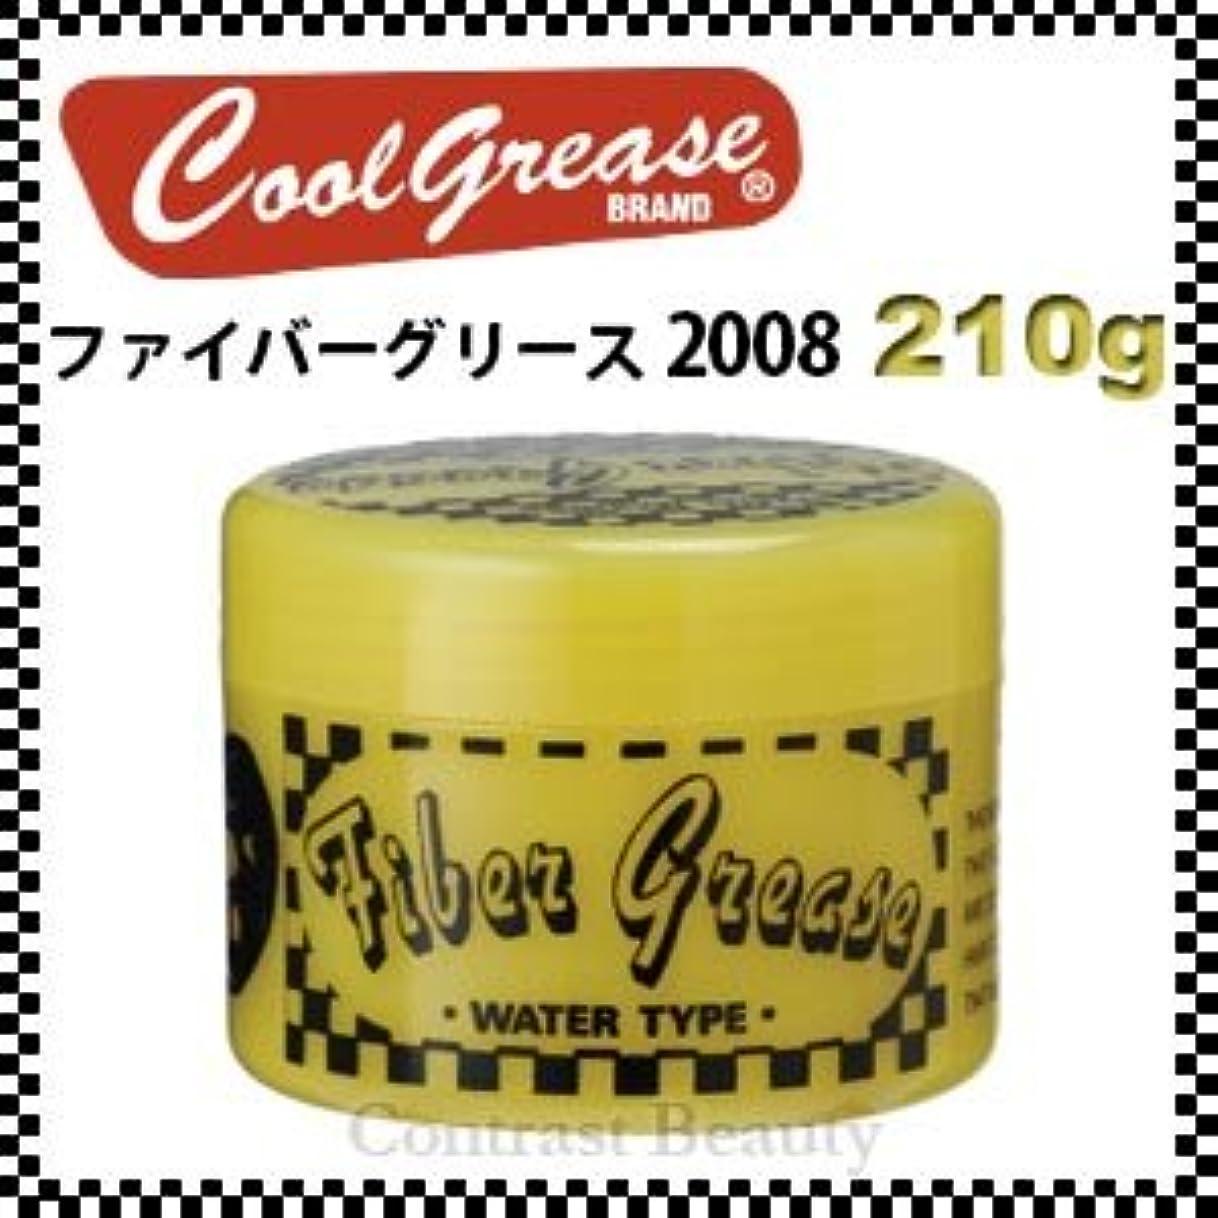 スライムくすぐったい赤字【X3個セット】 阪本高生堂 ファイバーグリース 2008 210g